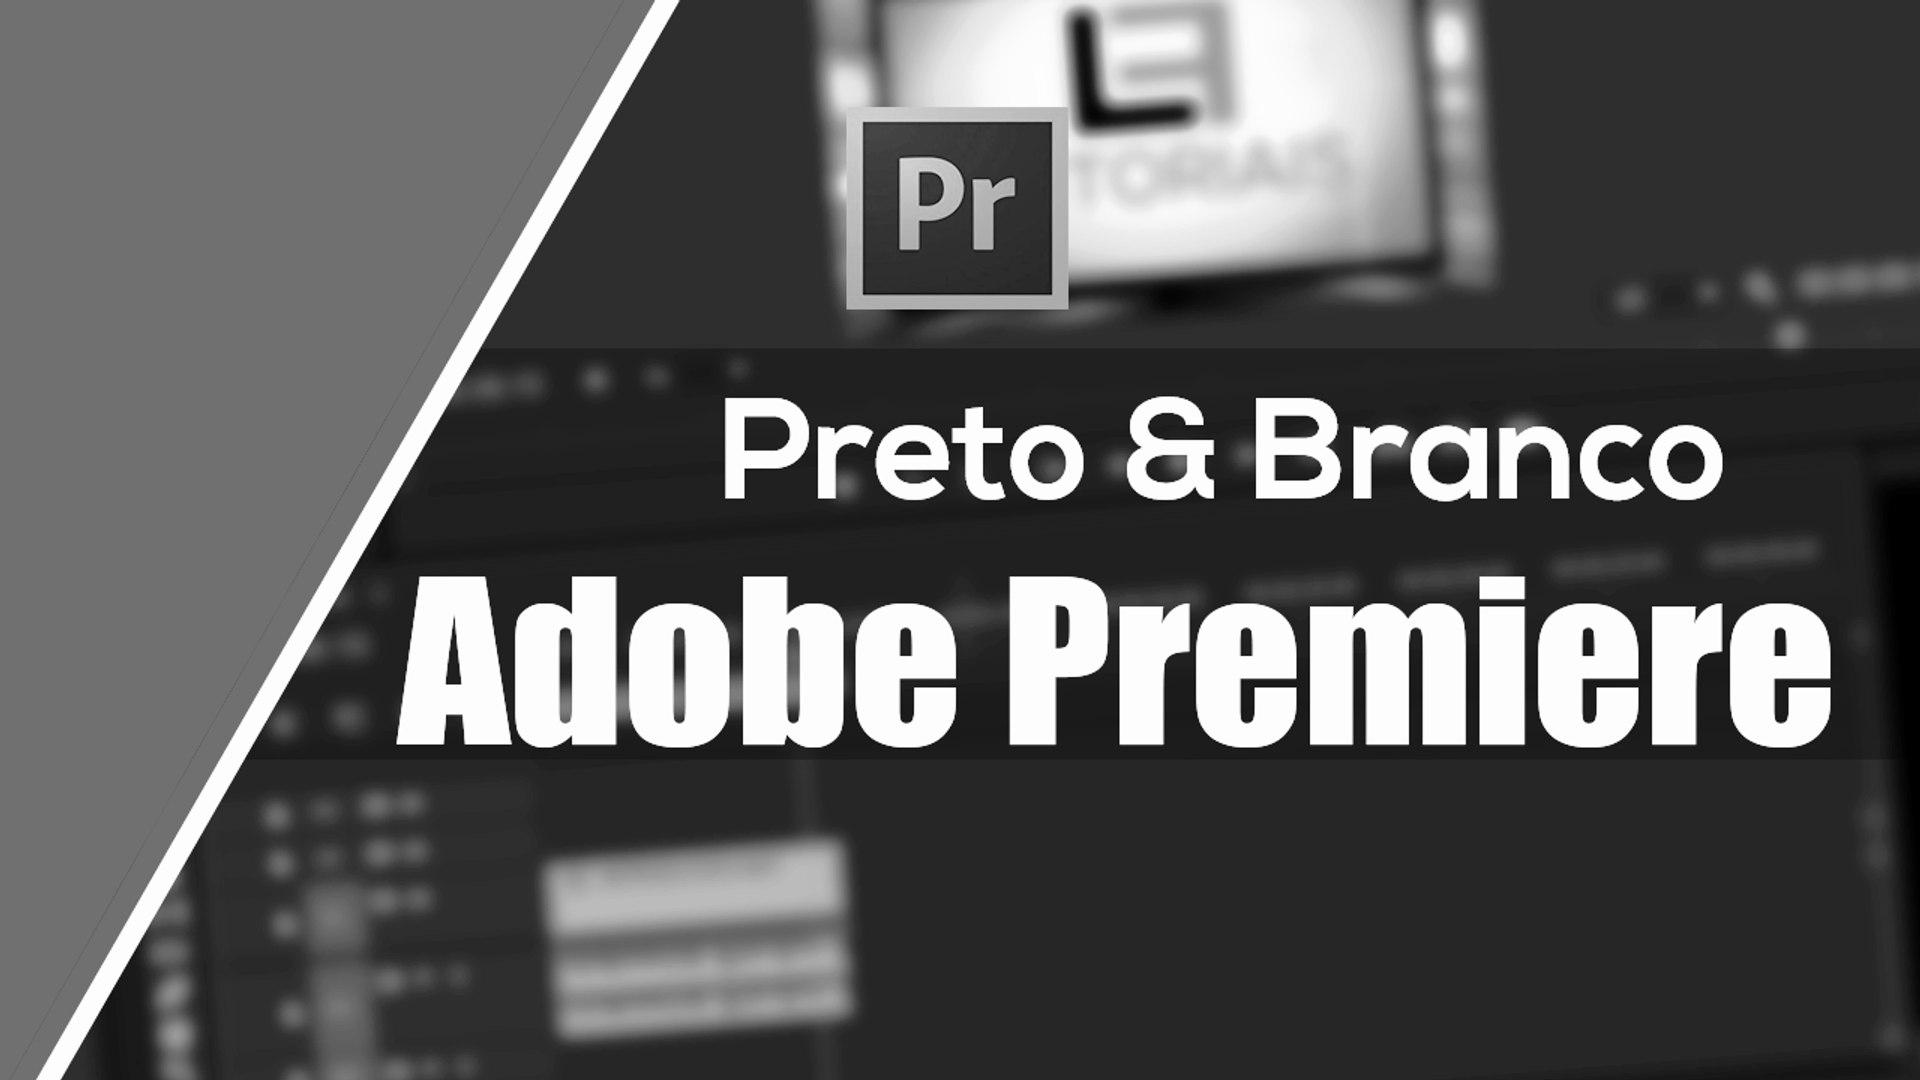 Como deixar o vídeo em PRETO e BRANCO no Adobe Premiere Pro CC - #DiretoAoPonto